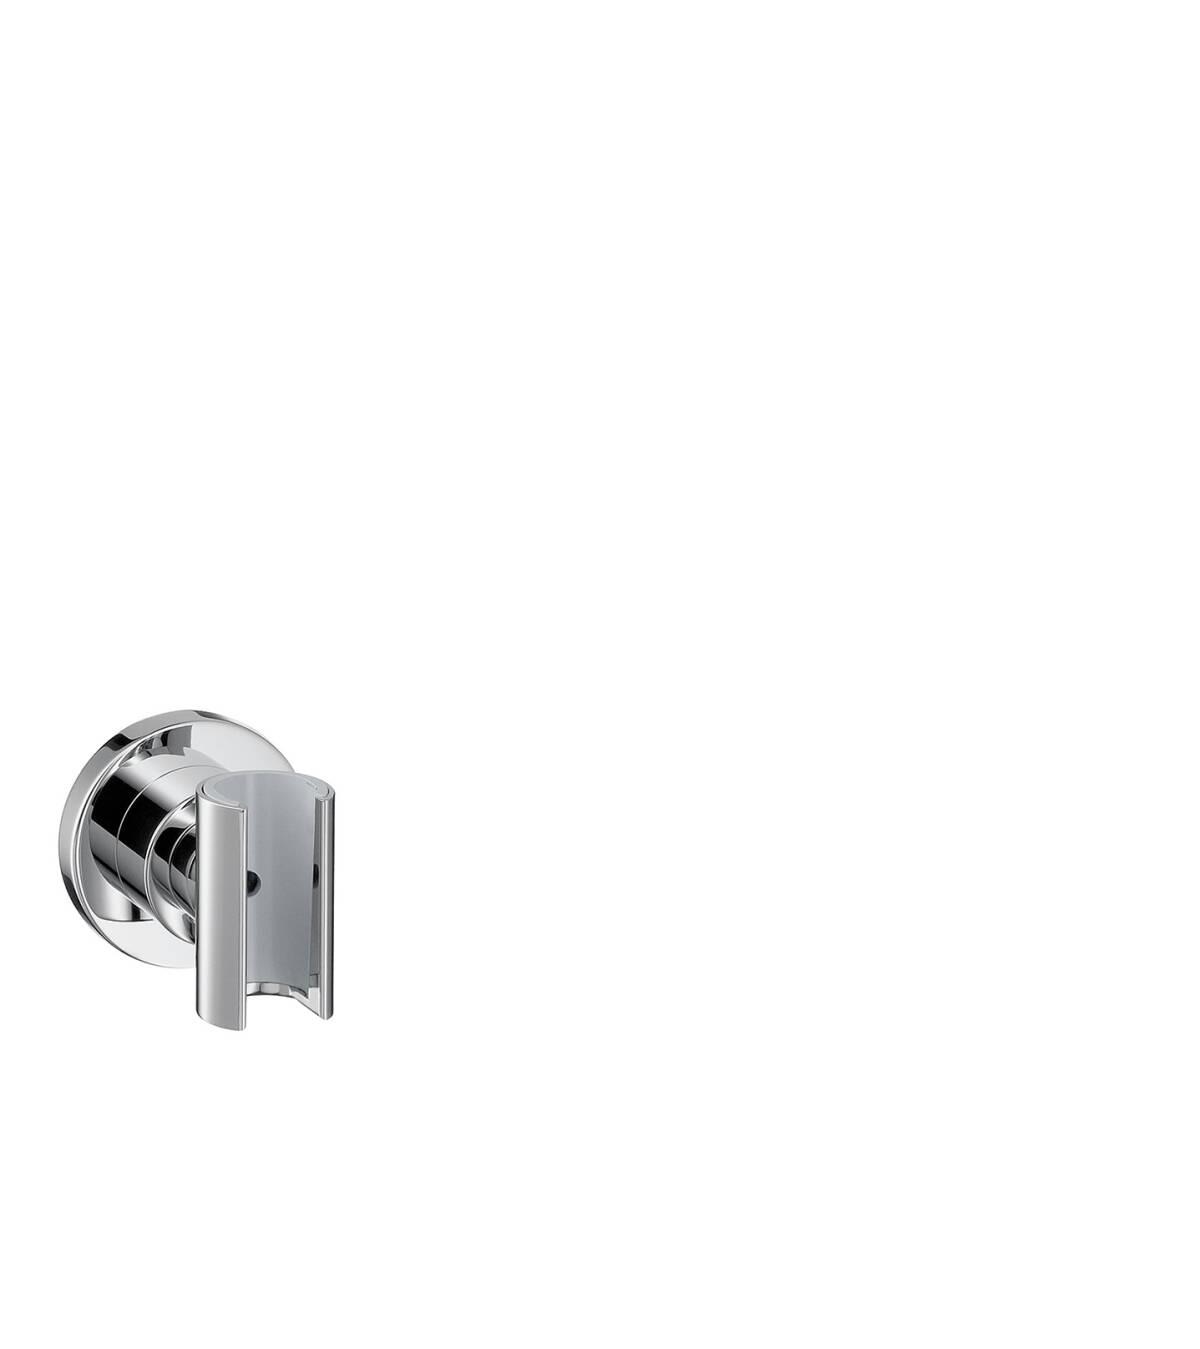 Shower holder, Stainless Steel Optic, 39525800